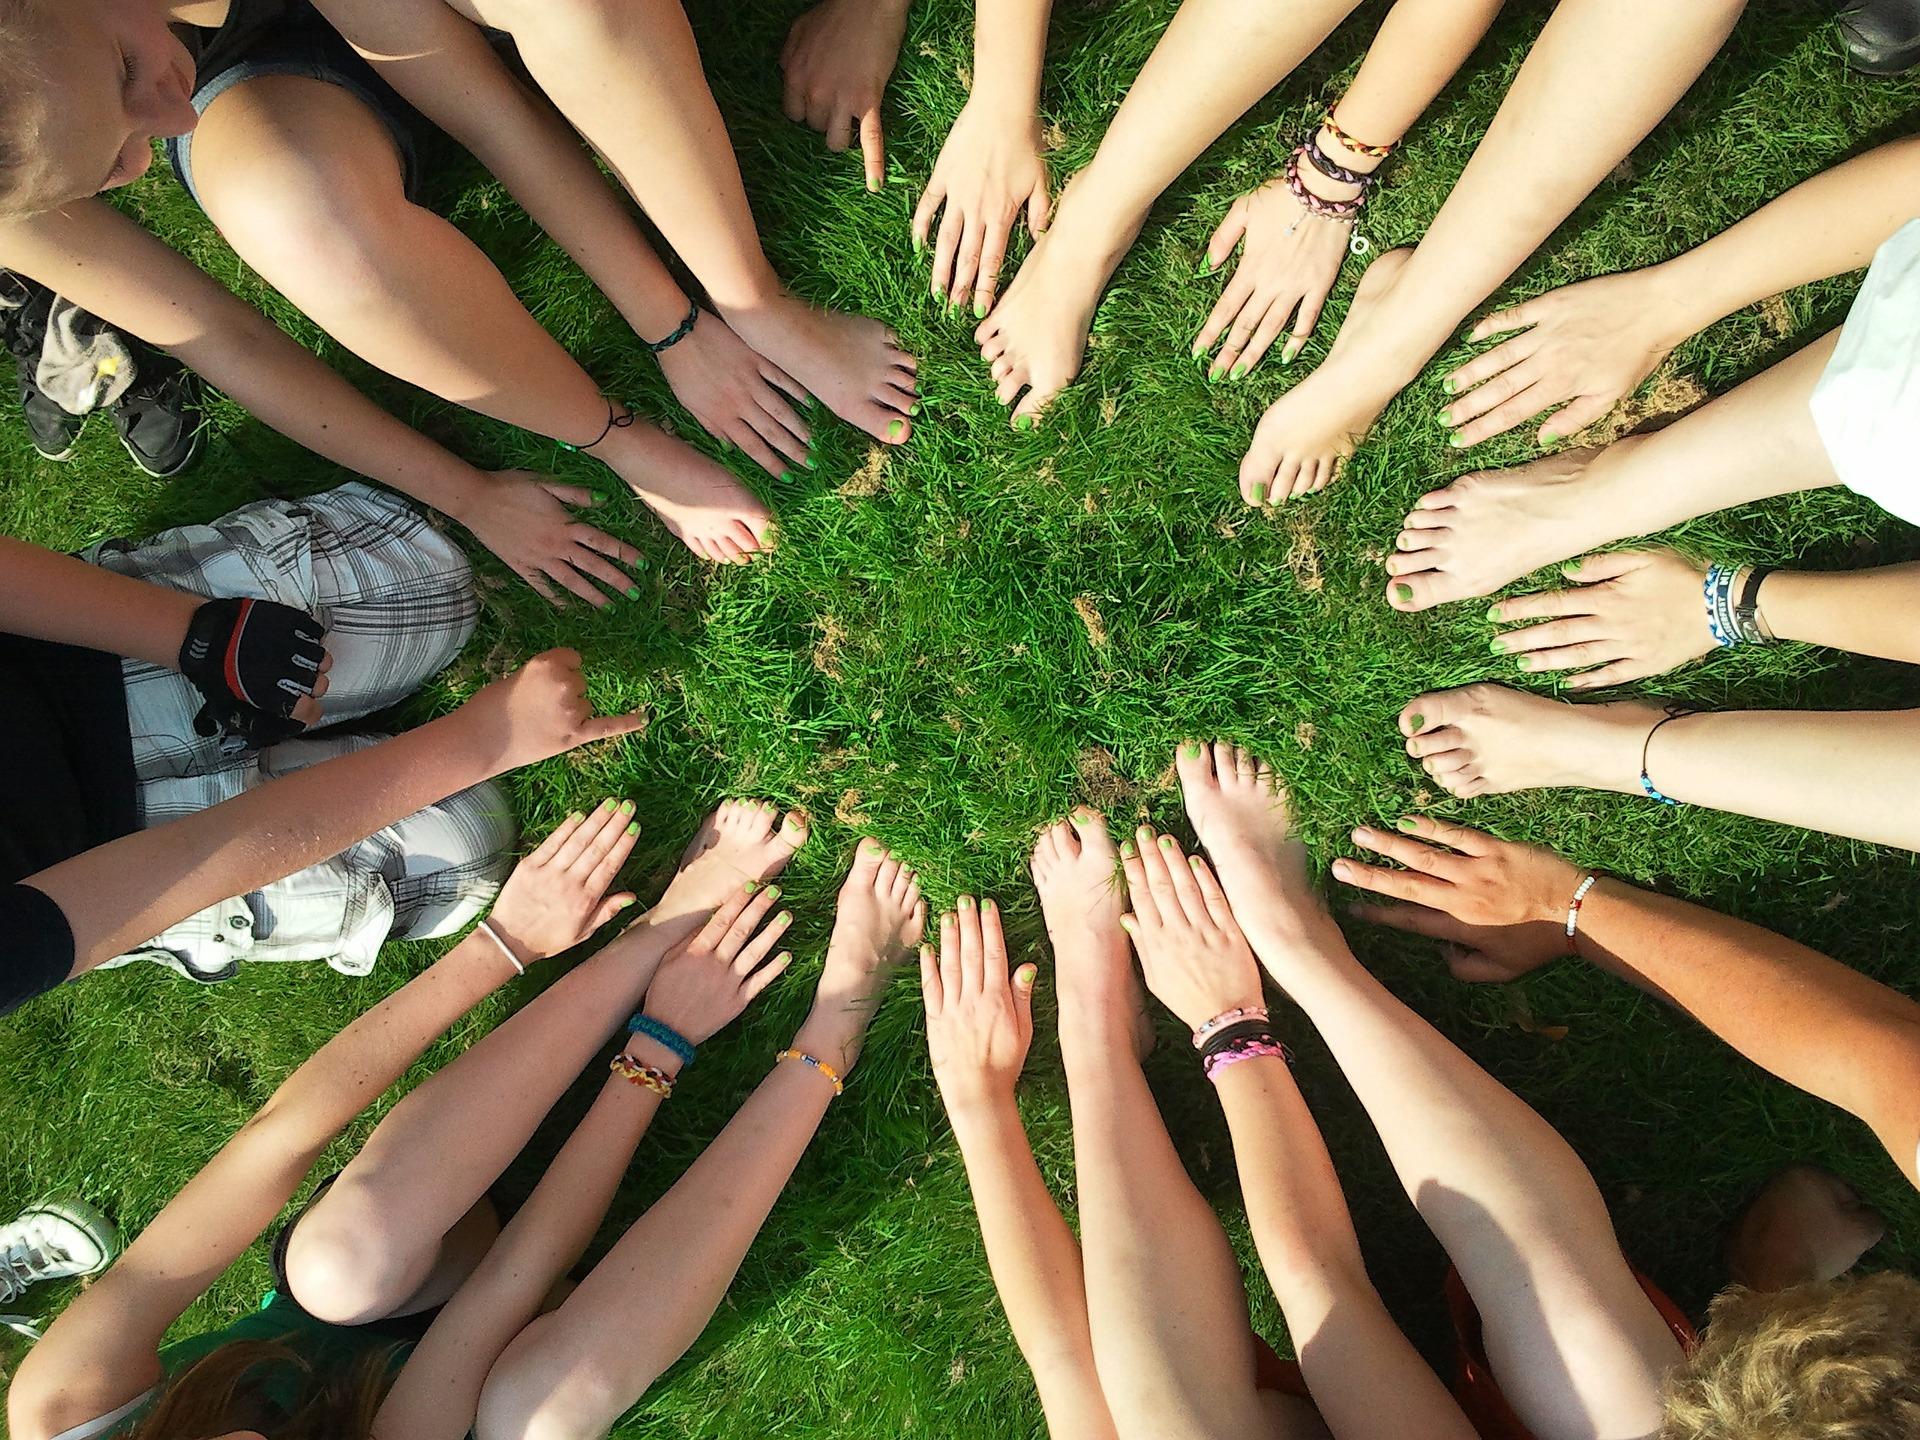 Viele verschiedene Hände und Füße formen einen Kreis.